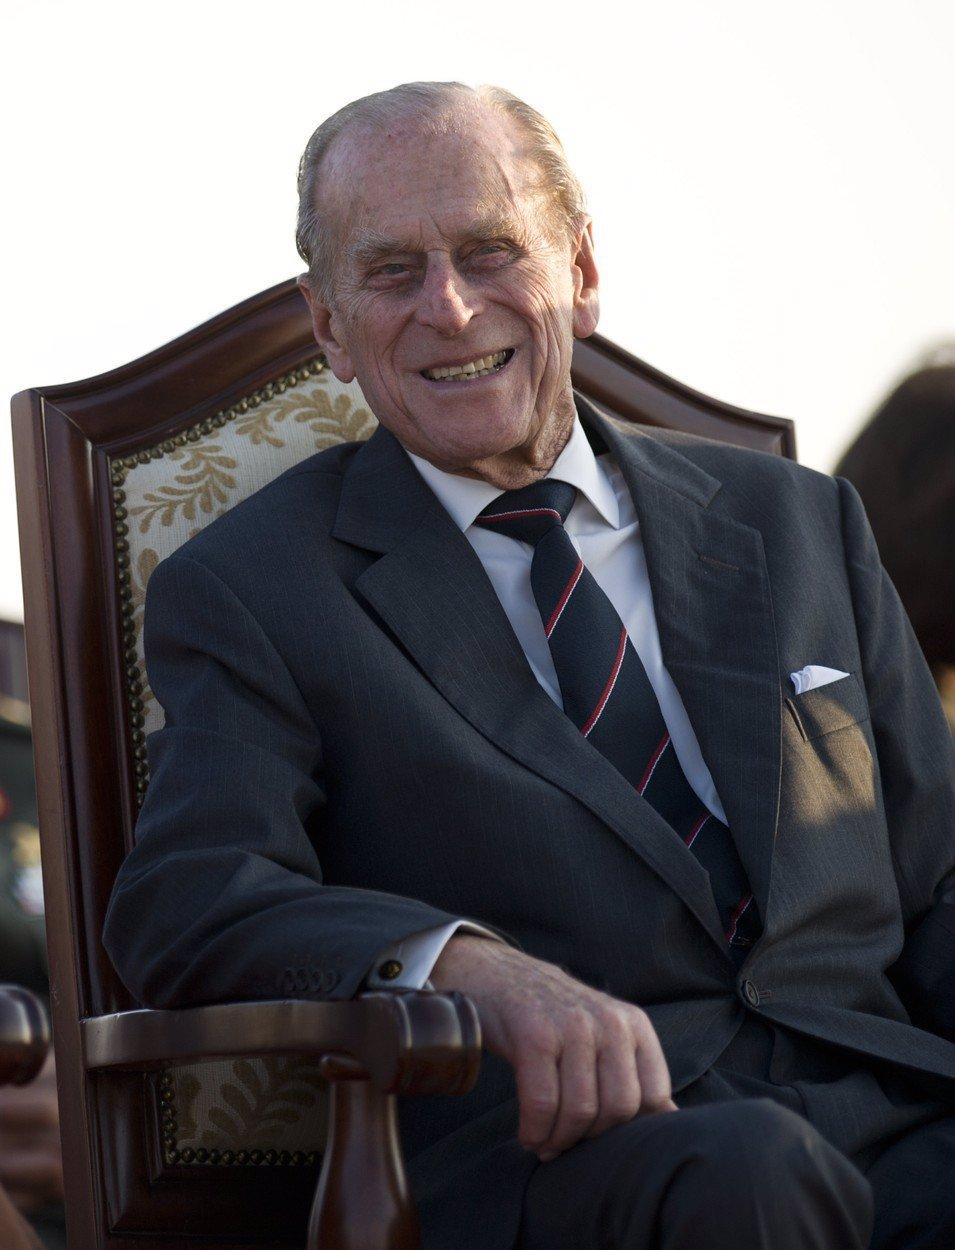 Narozeninová fotka prince Philipa: Z izolace ukazuje, že v 99 letech vypadá skvěle